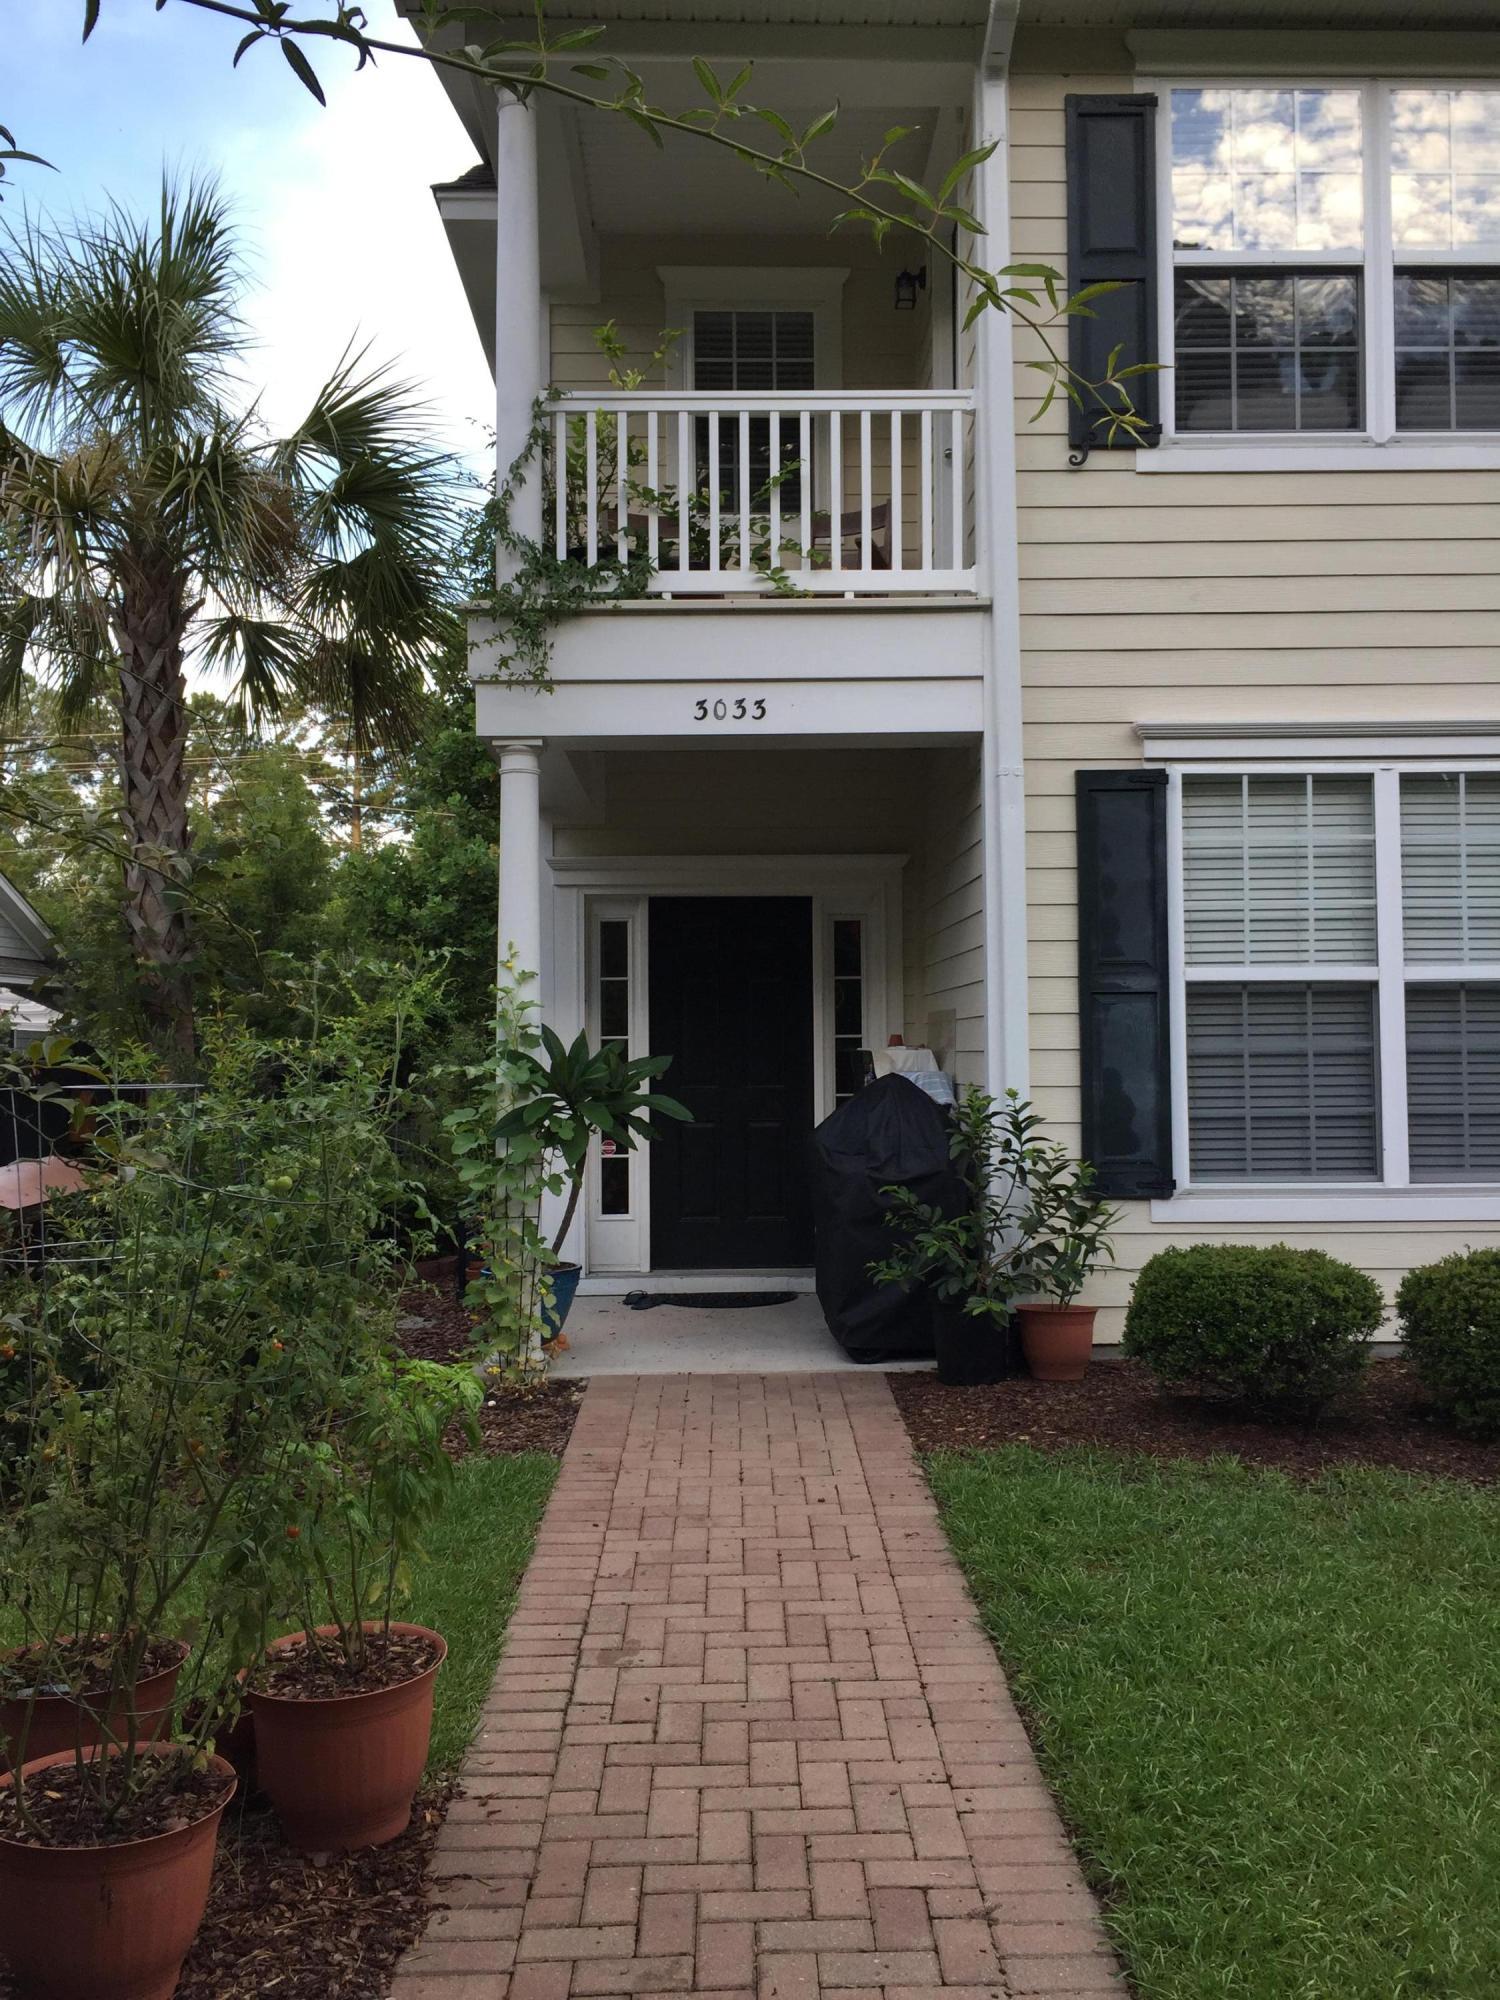 Park West Homes For Sale - 3033 Park West, Mount Pleasant, SC - 17